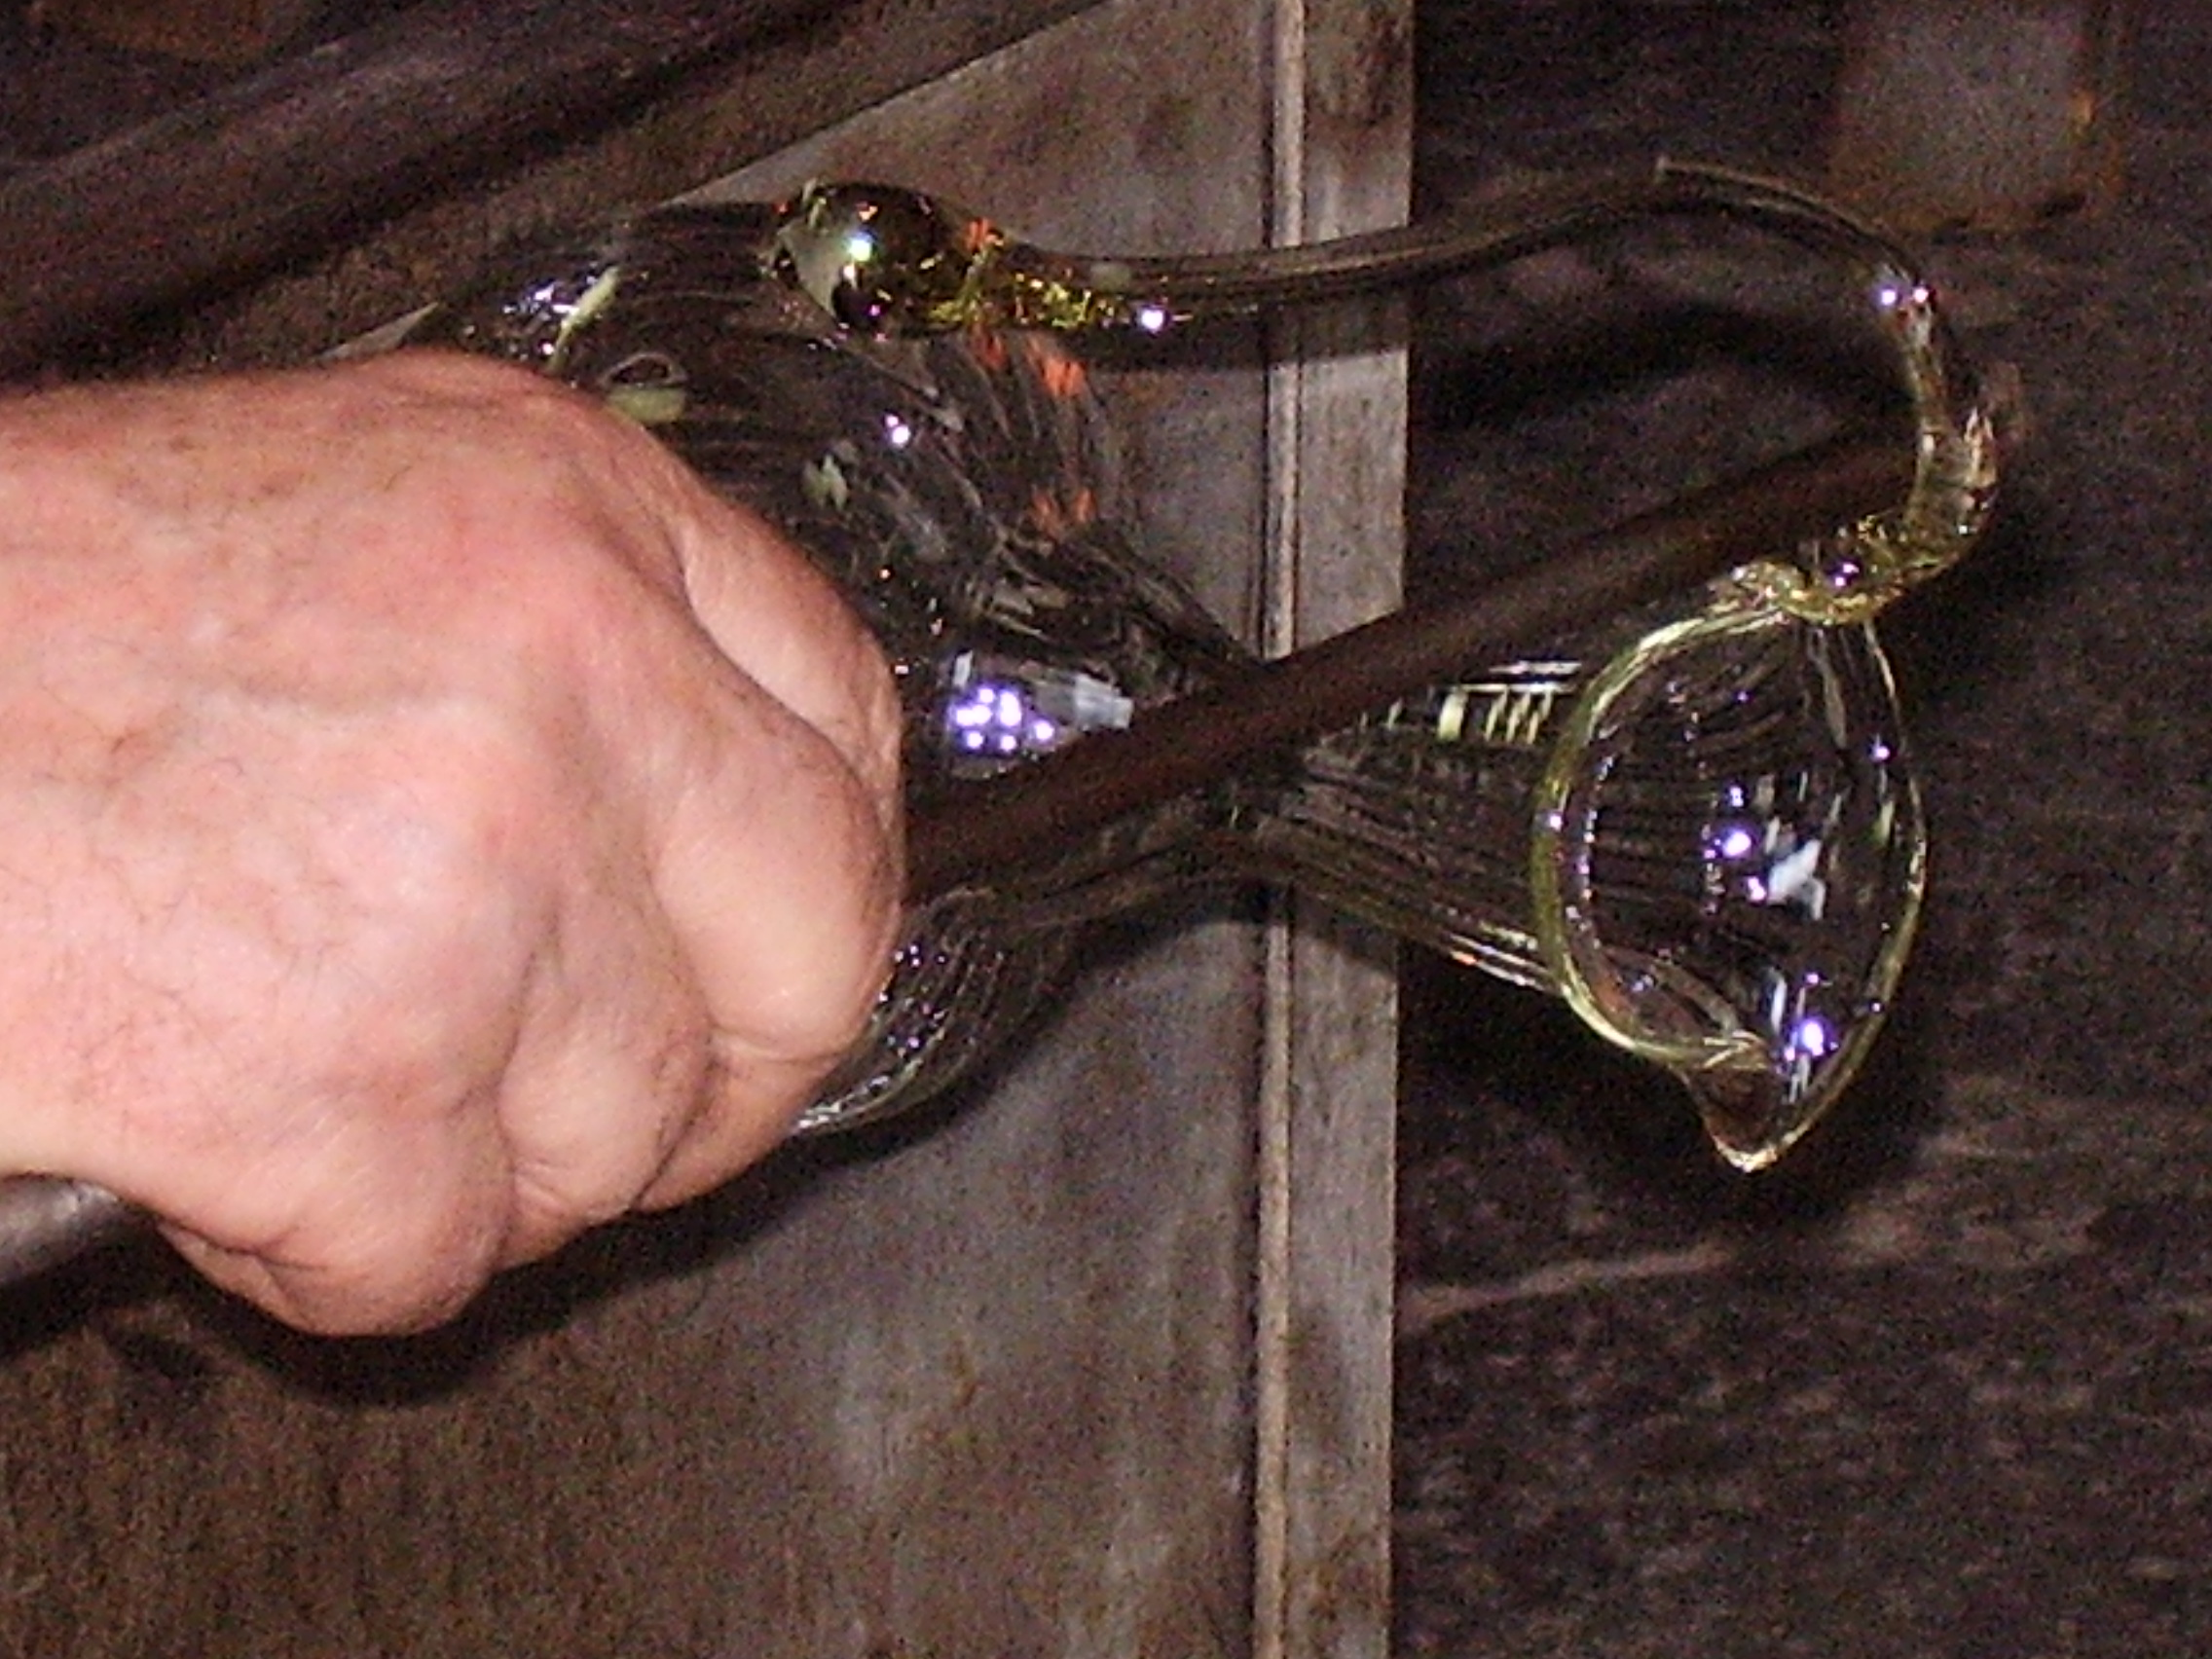 Laboratoire du verre de Murano - Modélisation du façonnage, refroidissement, chauffage et soufflage - Visite privée de Venise